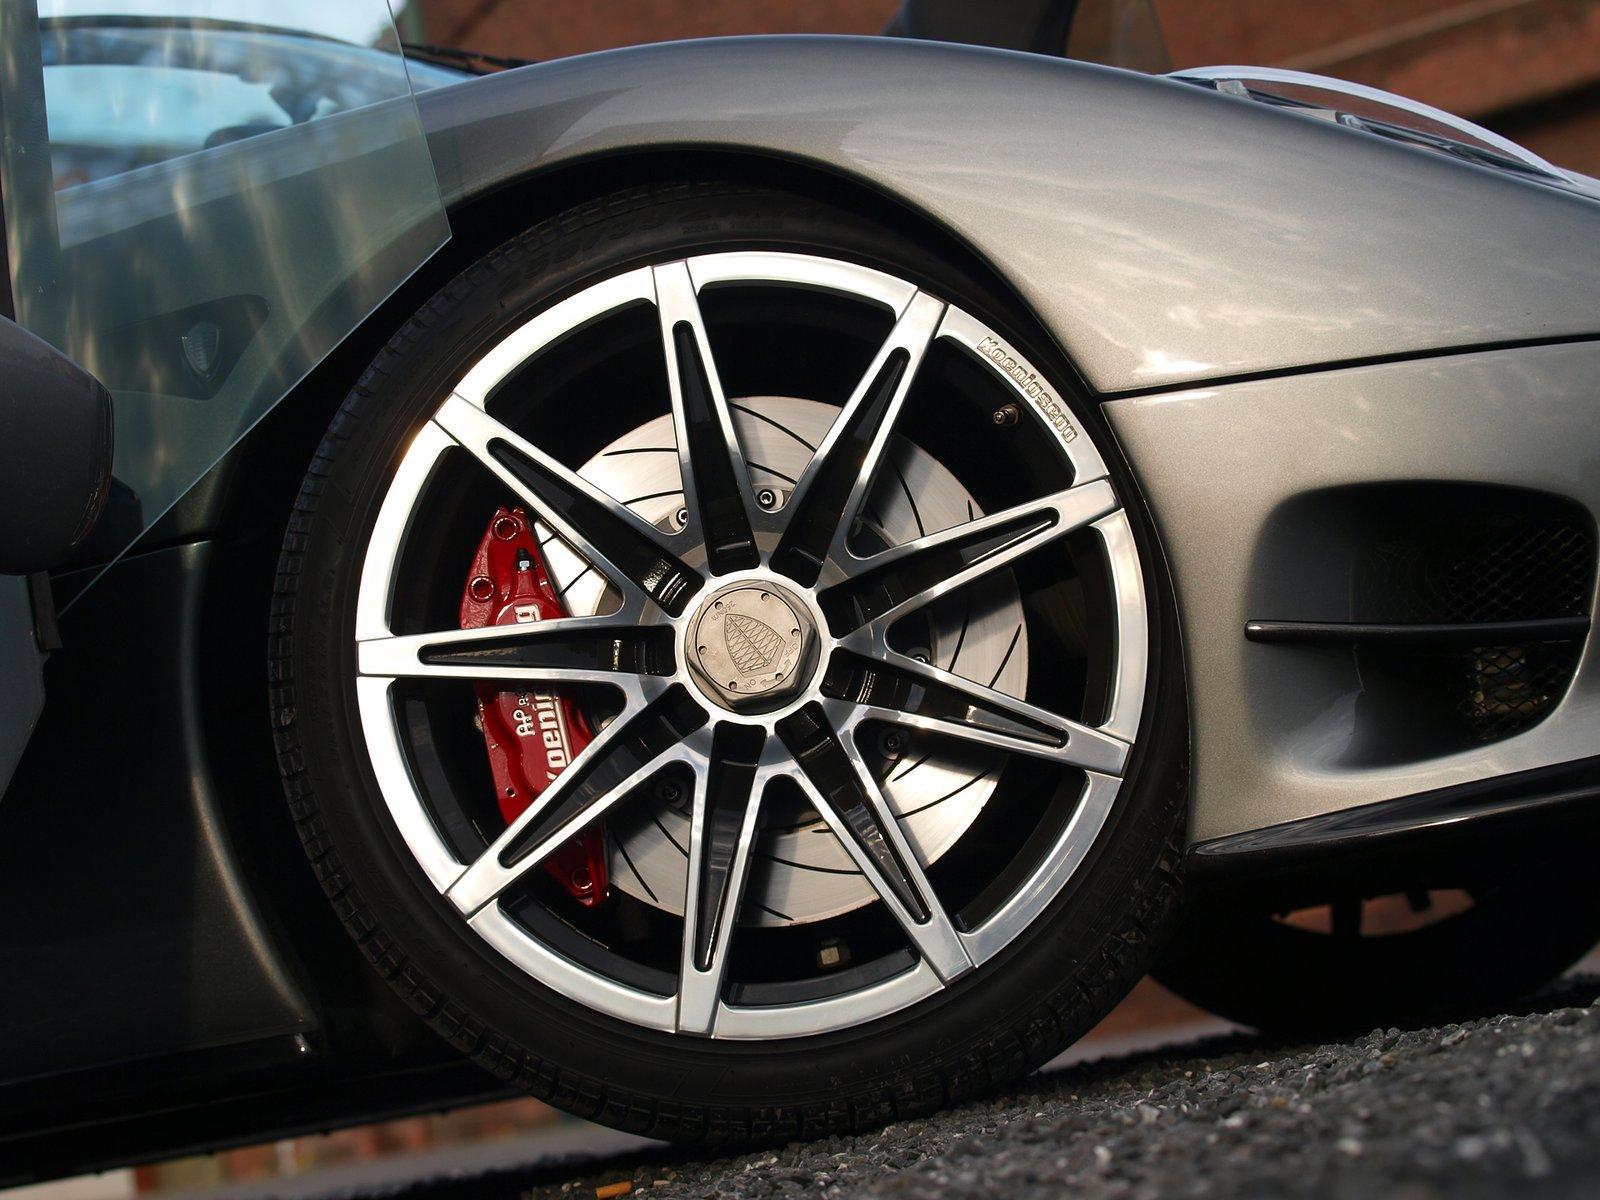 Edo Competition Koenigsegg Ccr Supercar Supercars Wheel